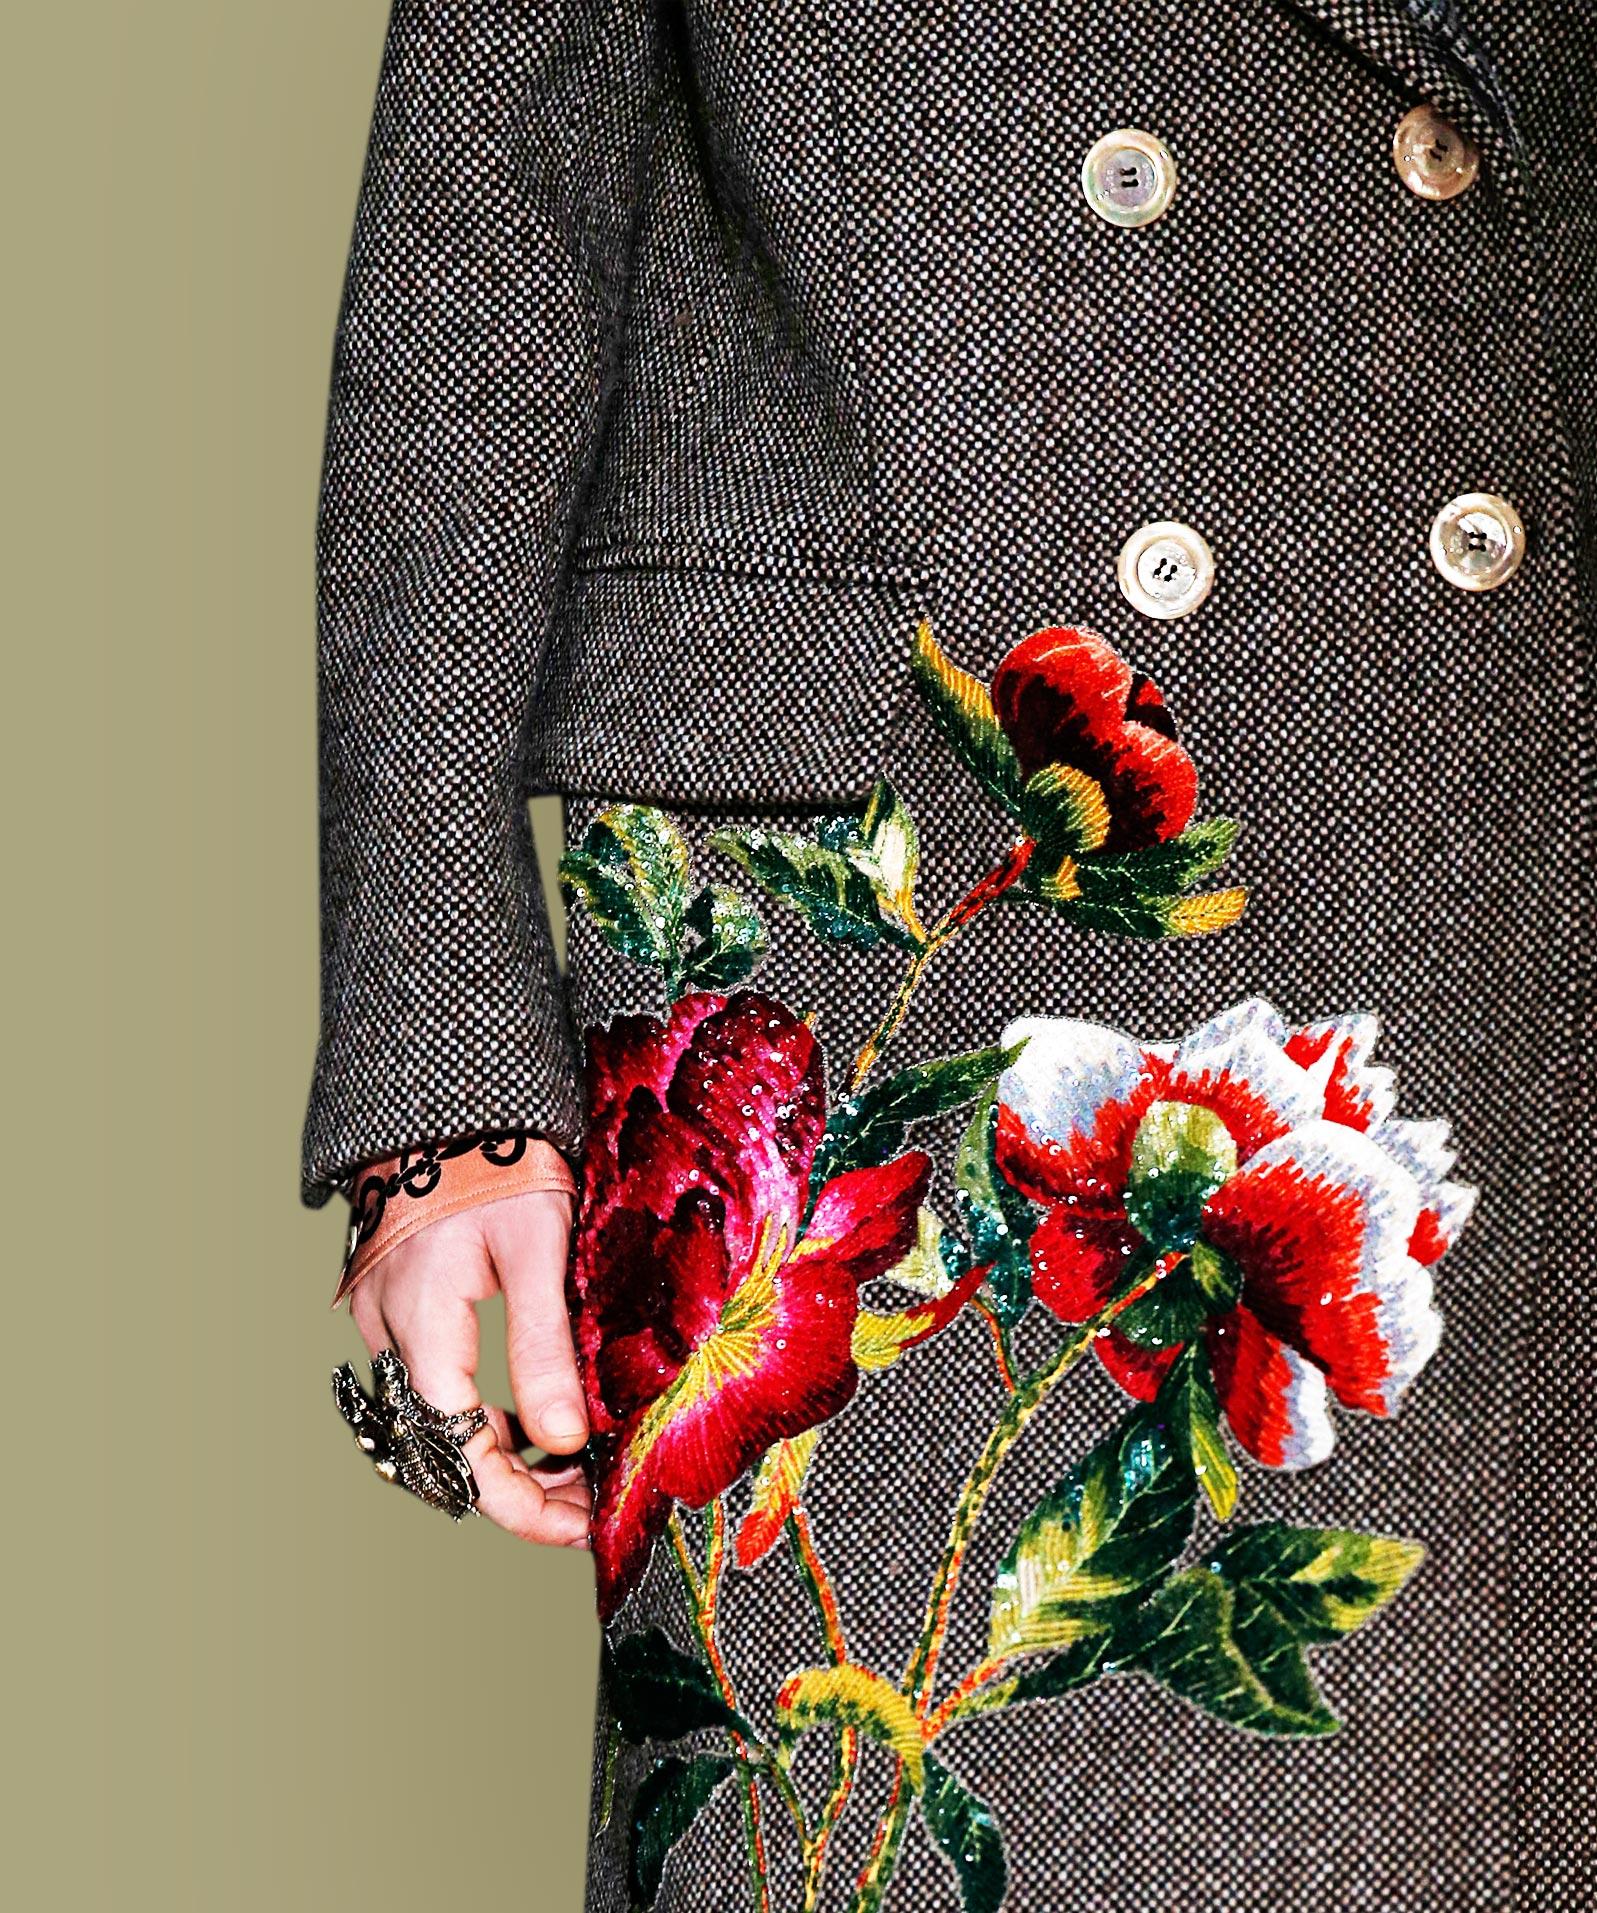 Mantel mit Blumen-Applikationen